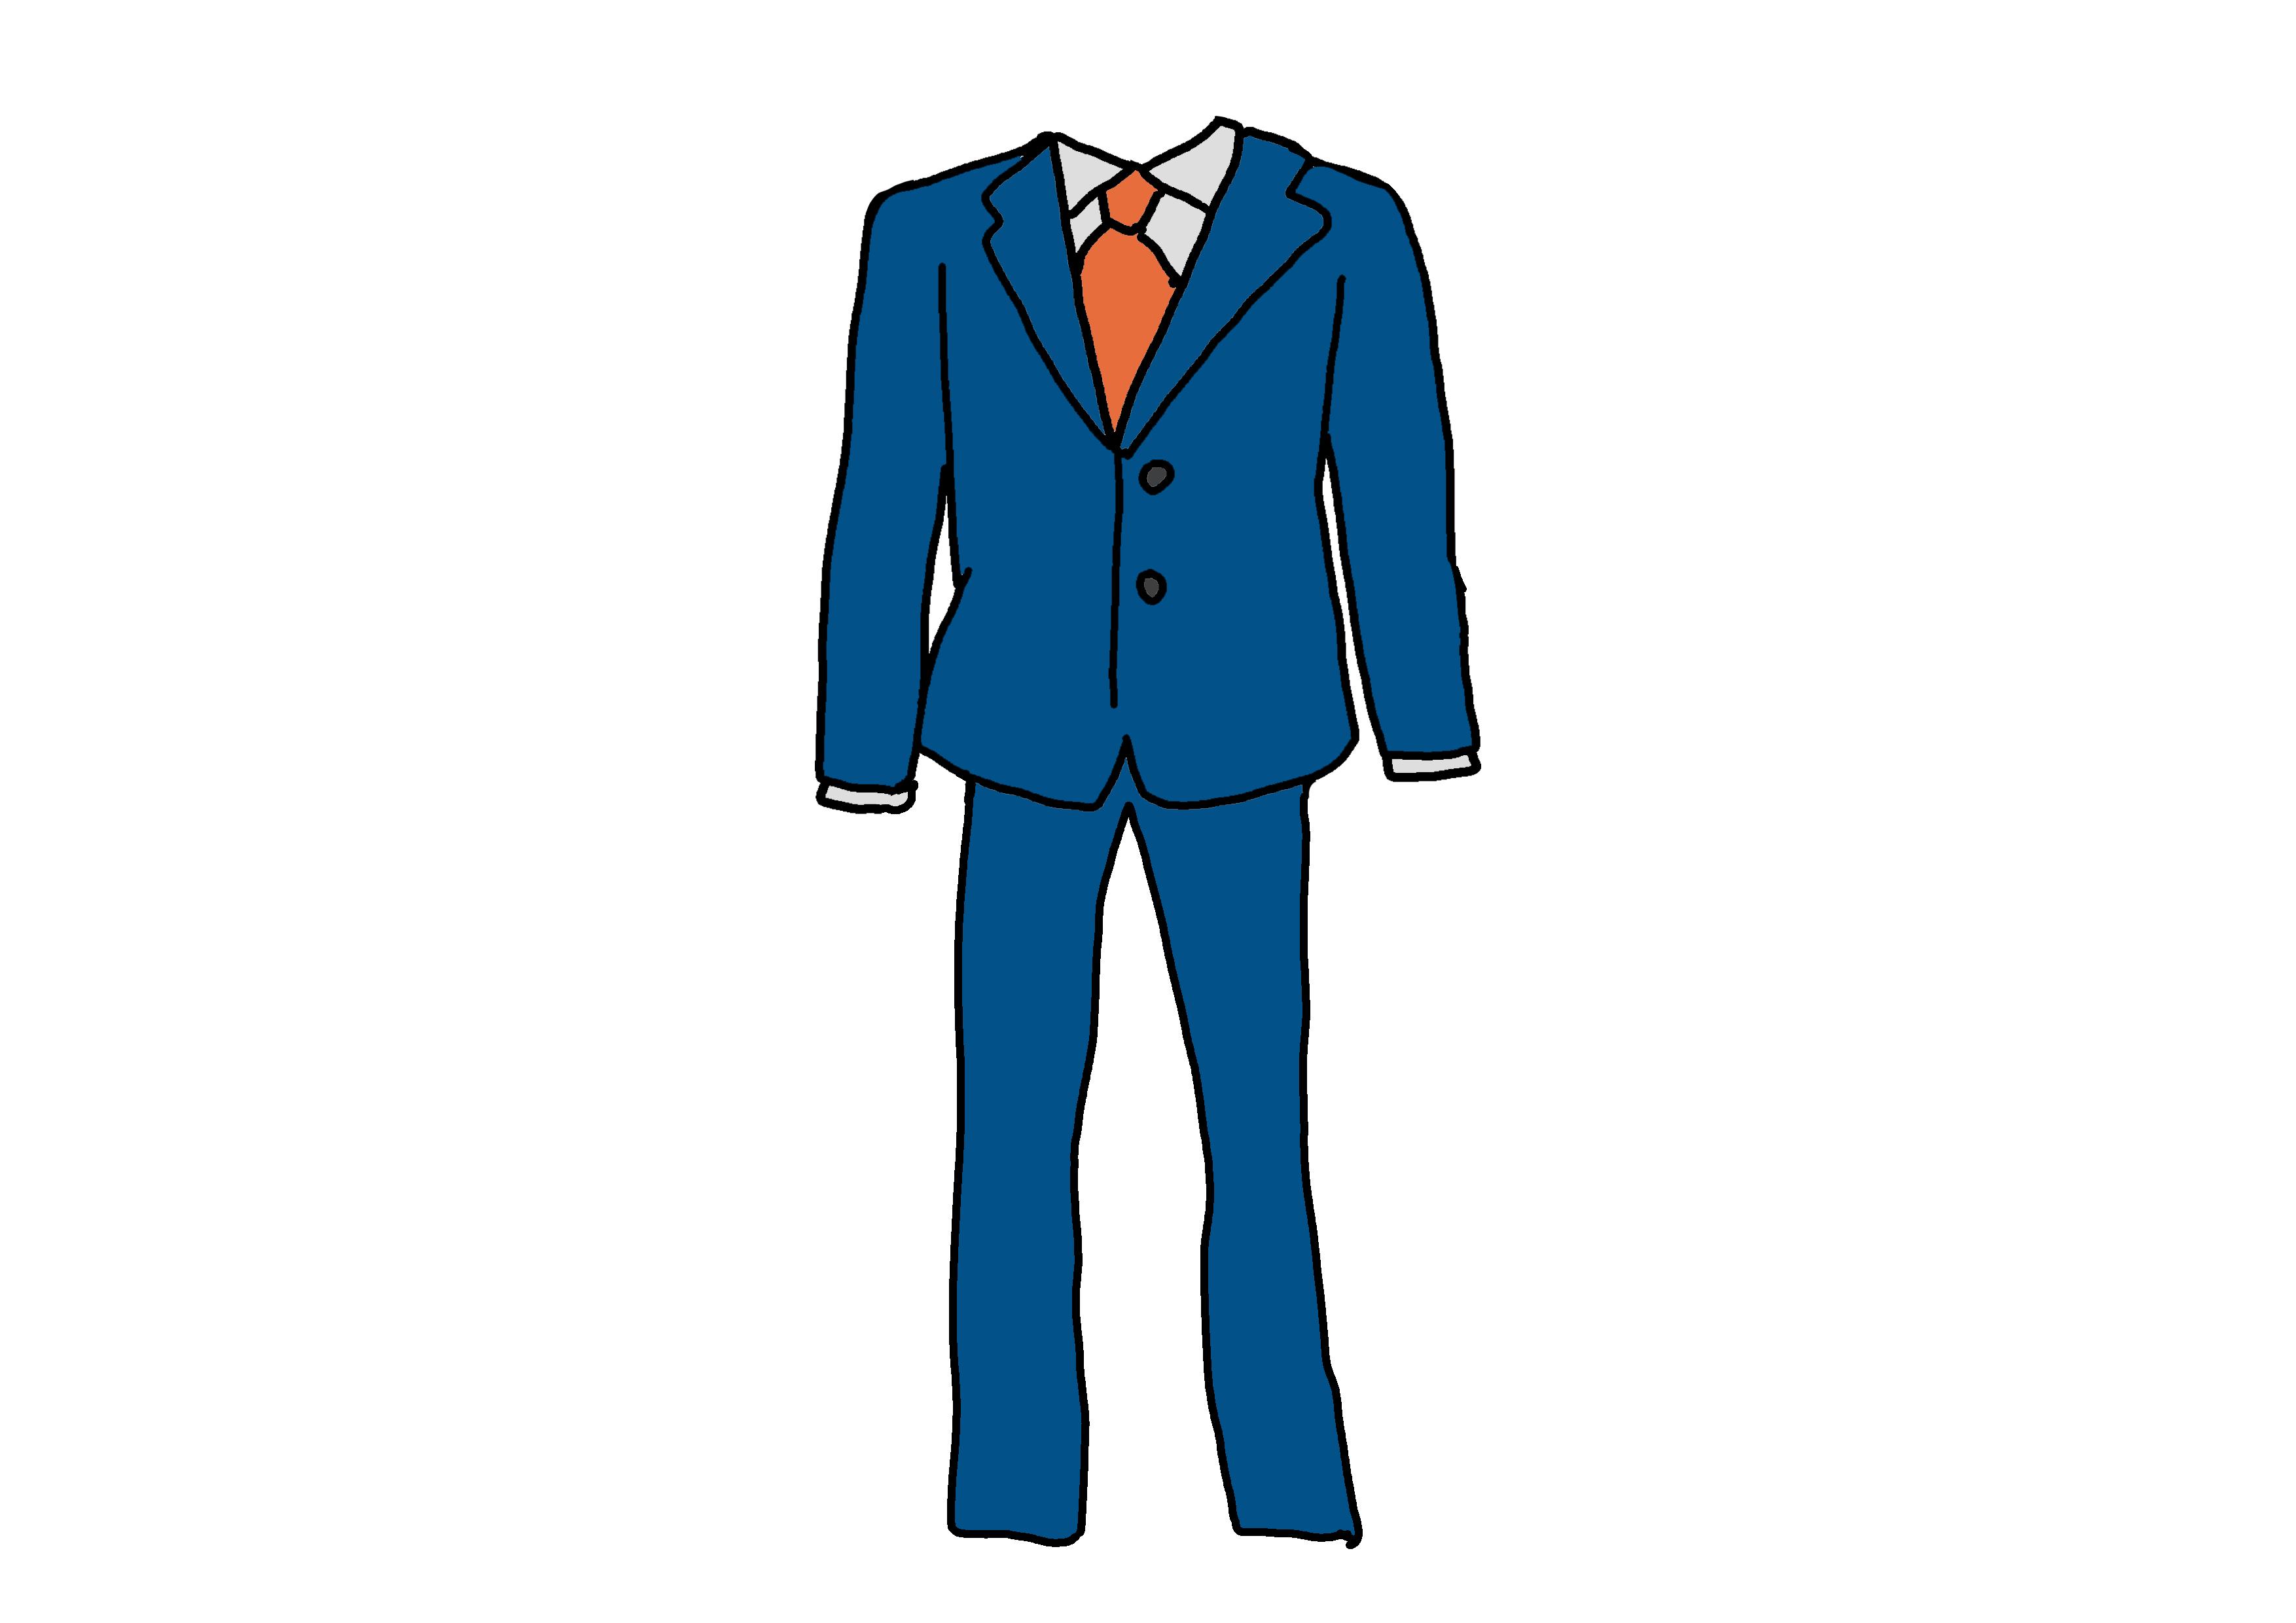 イラスト【スーツ】